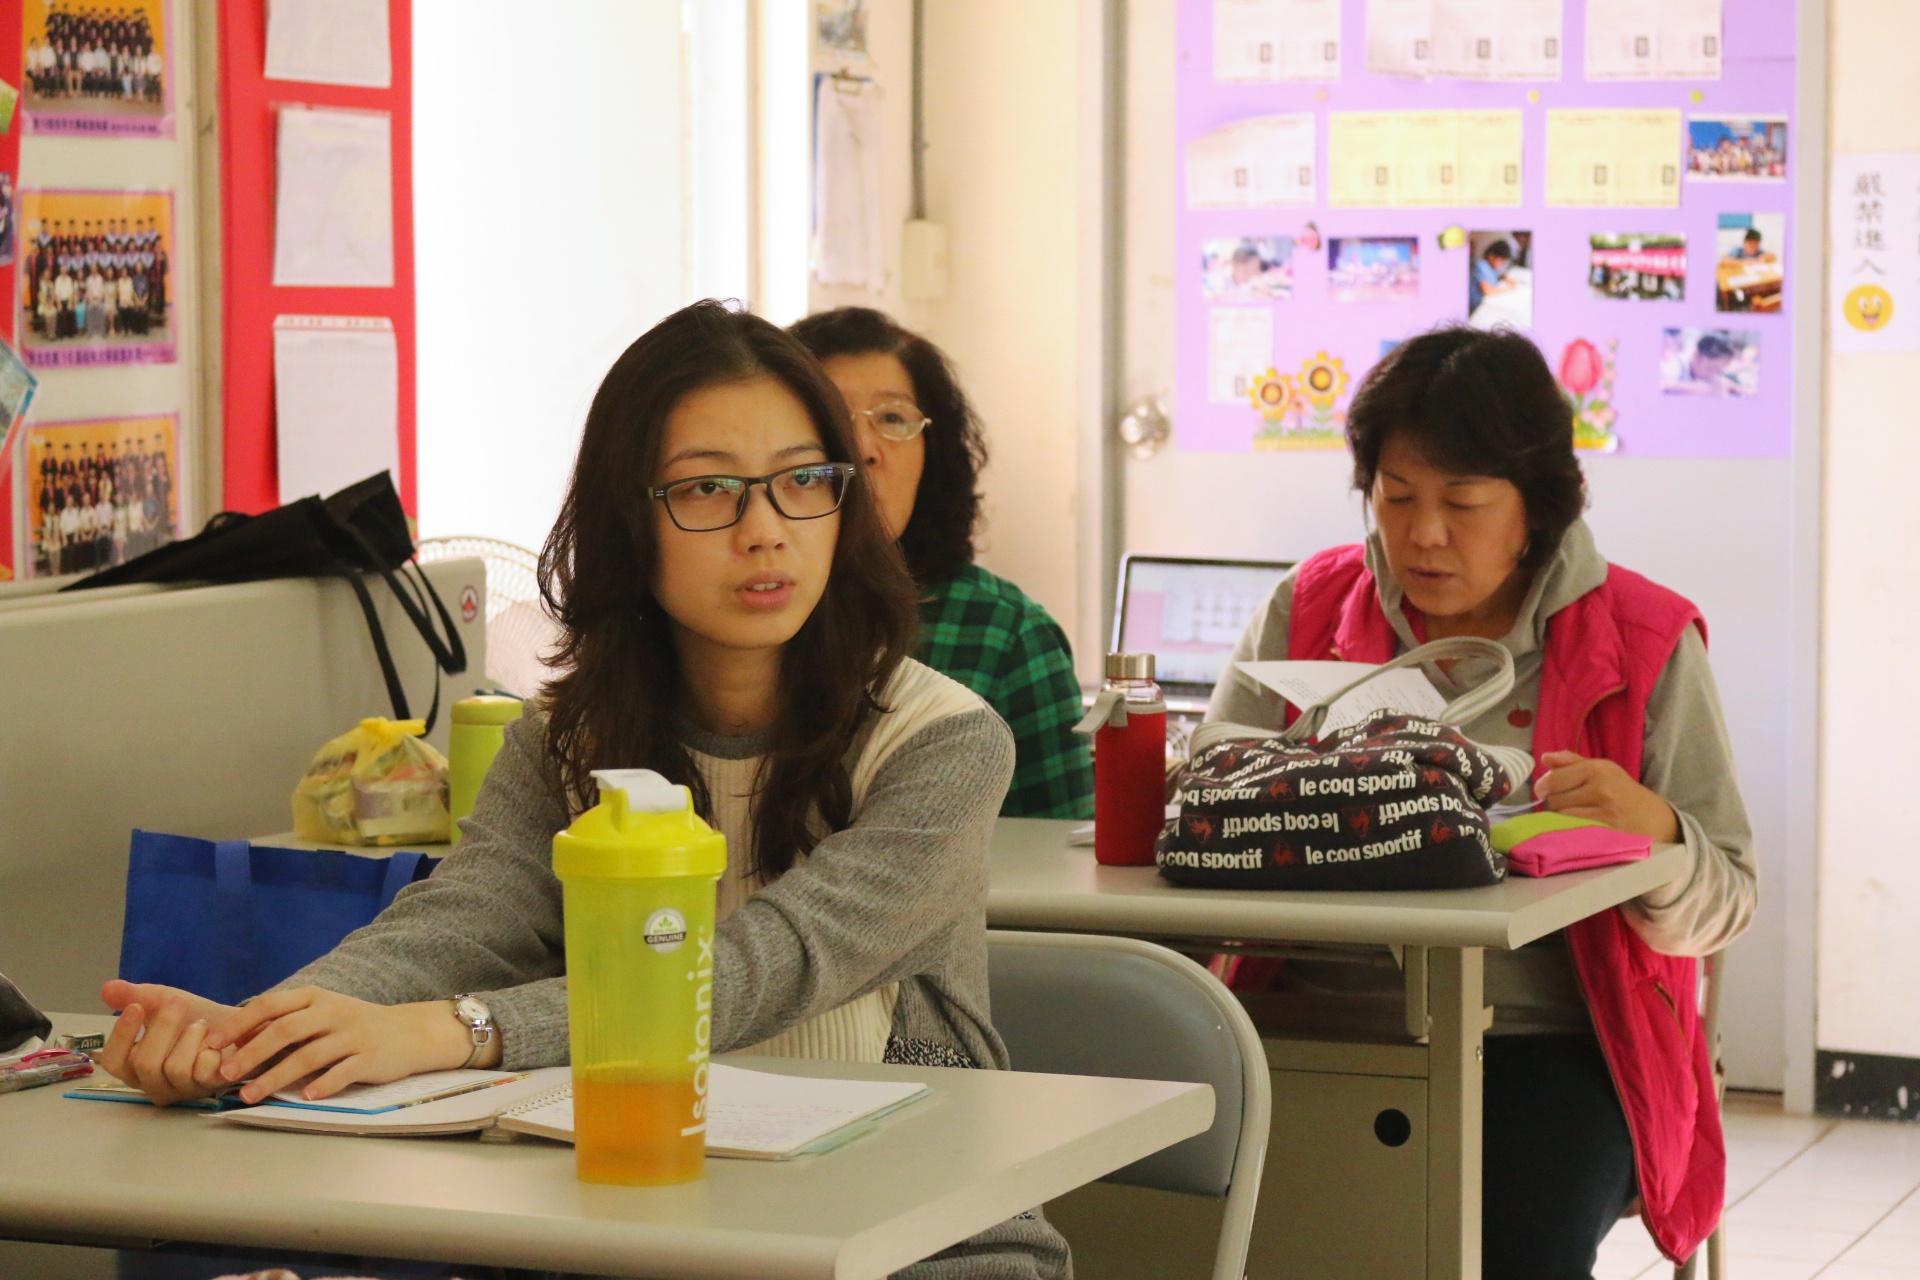 專注看老師教學的學生。陳沛婍/攝影